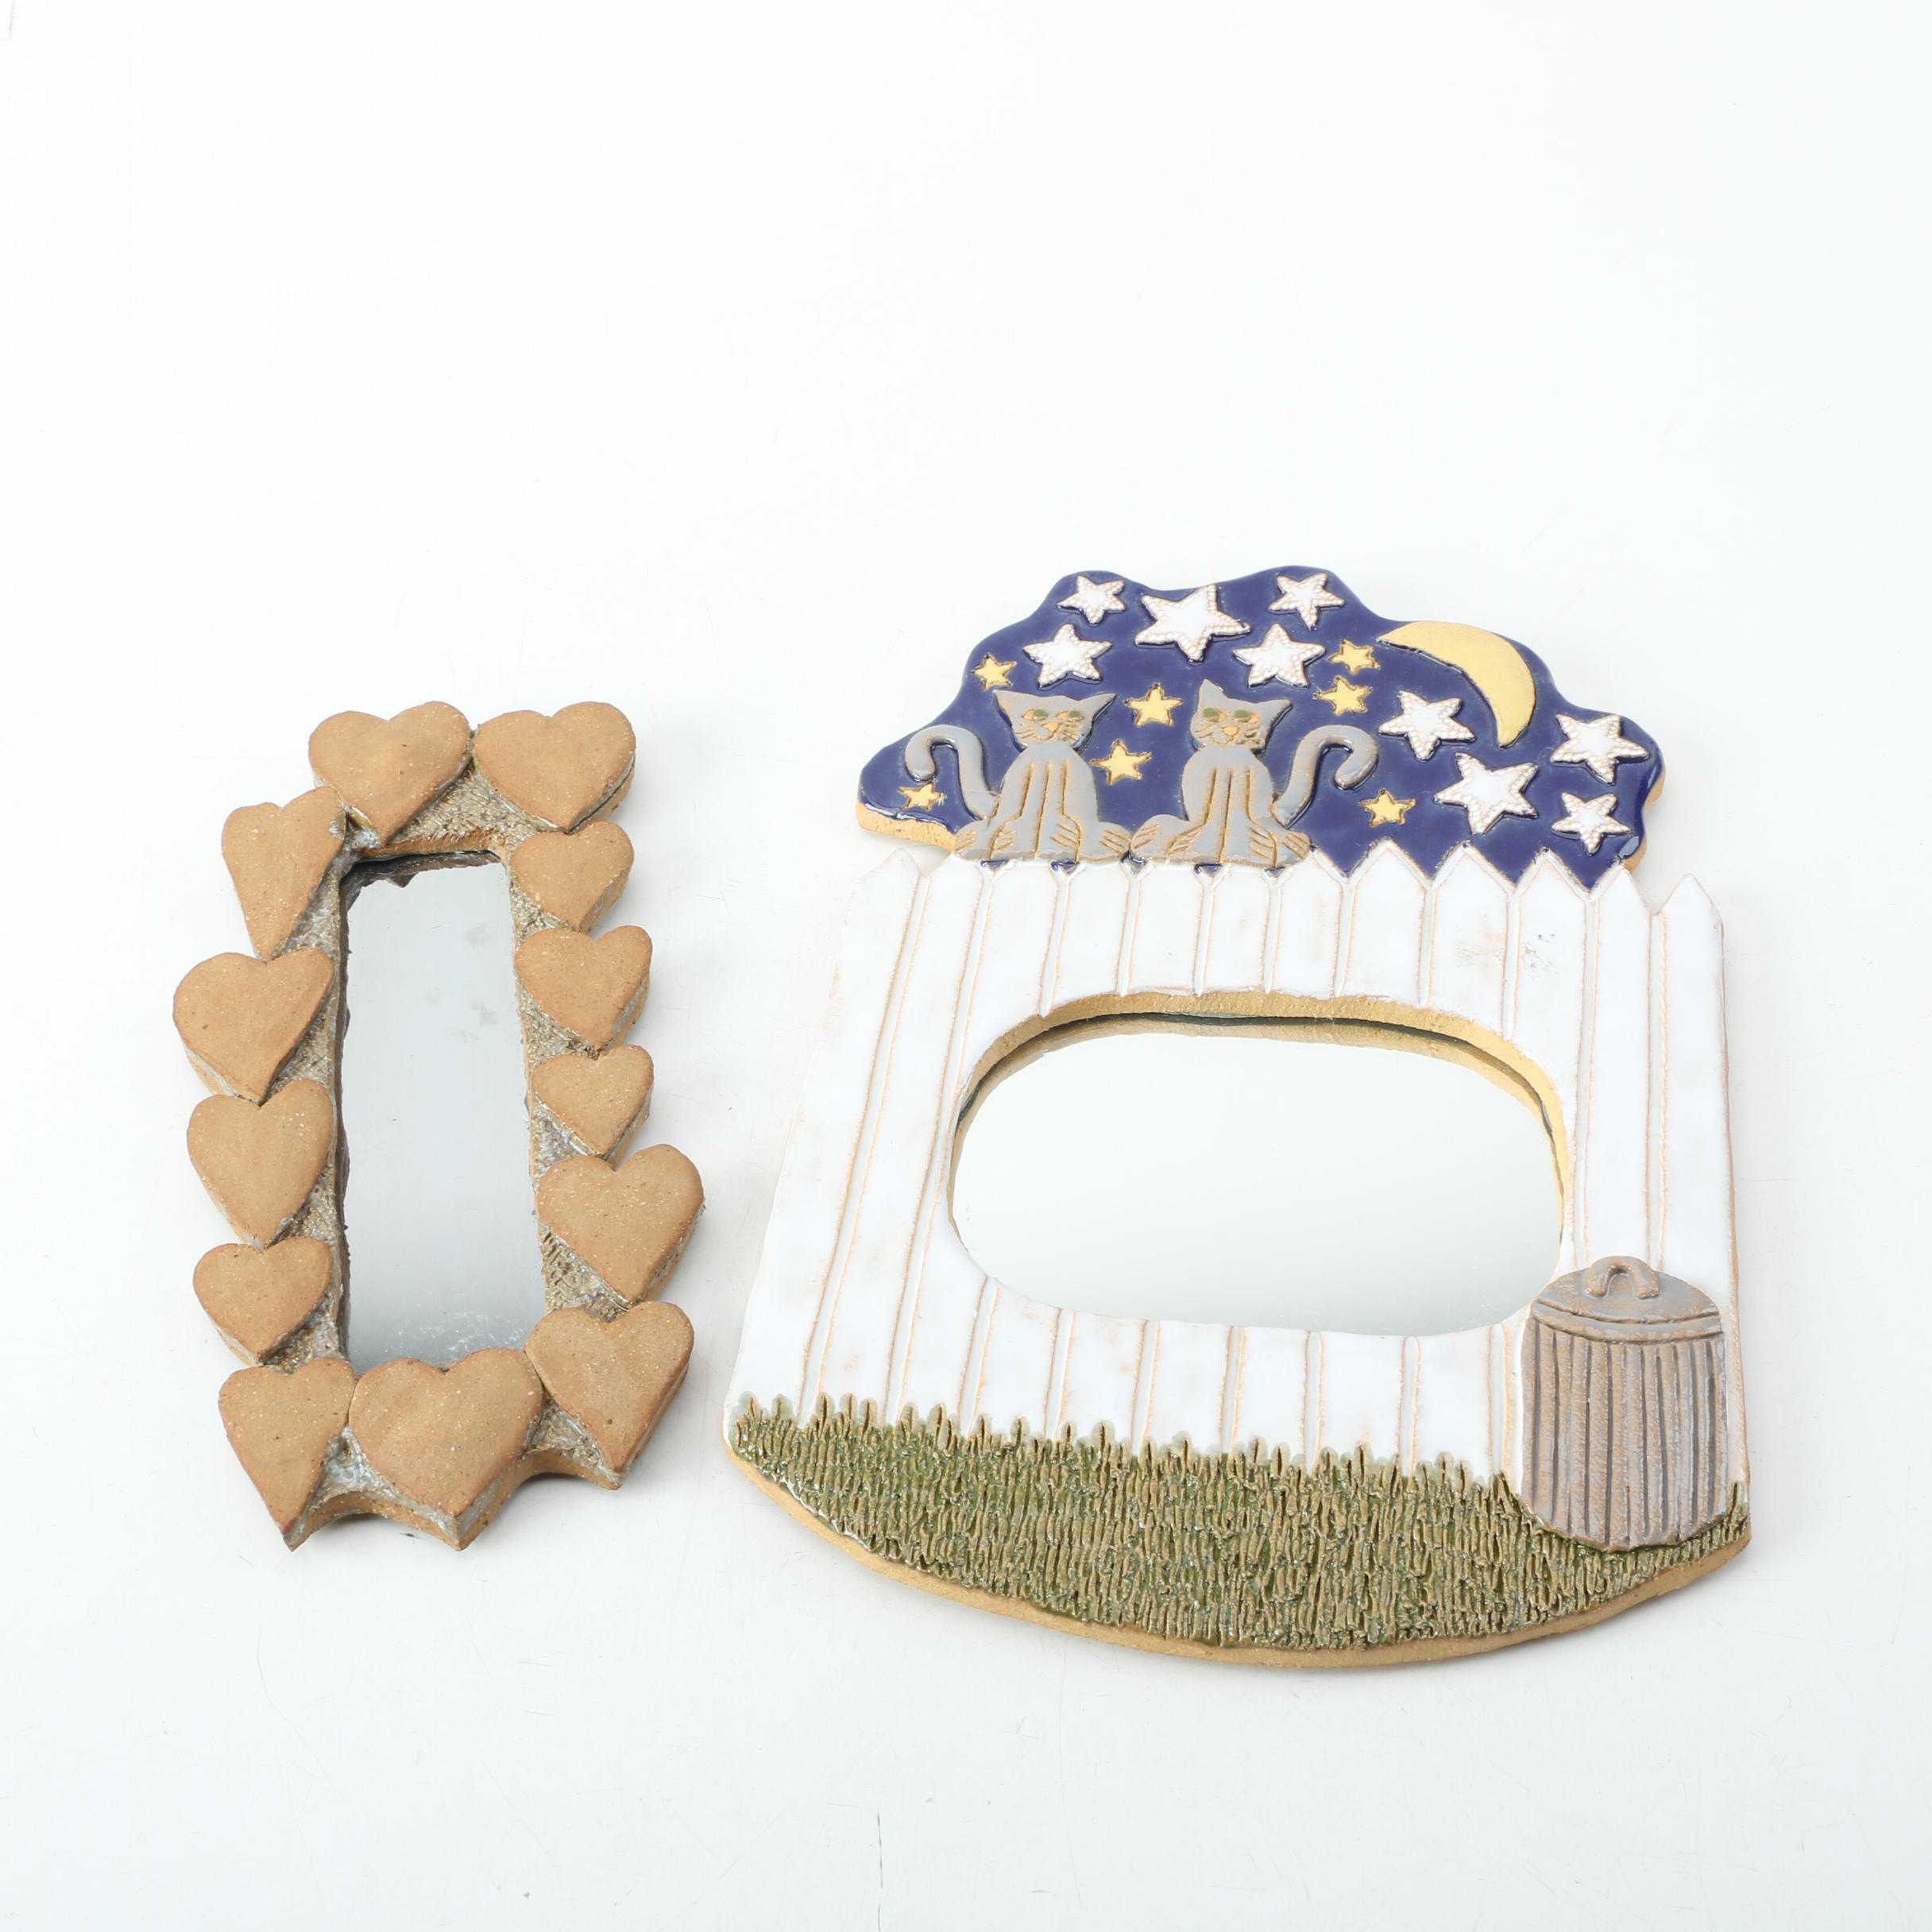 Folk Art Ceramic Framed Wall Mirrors